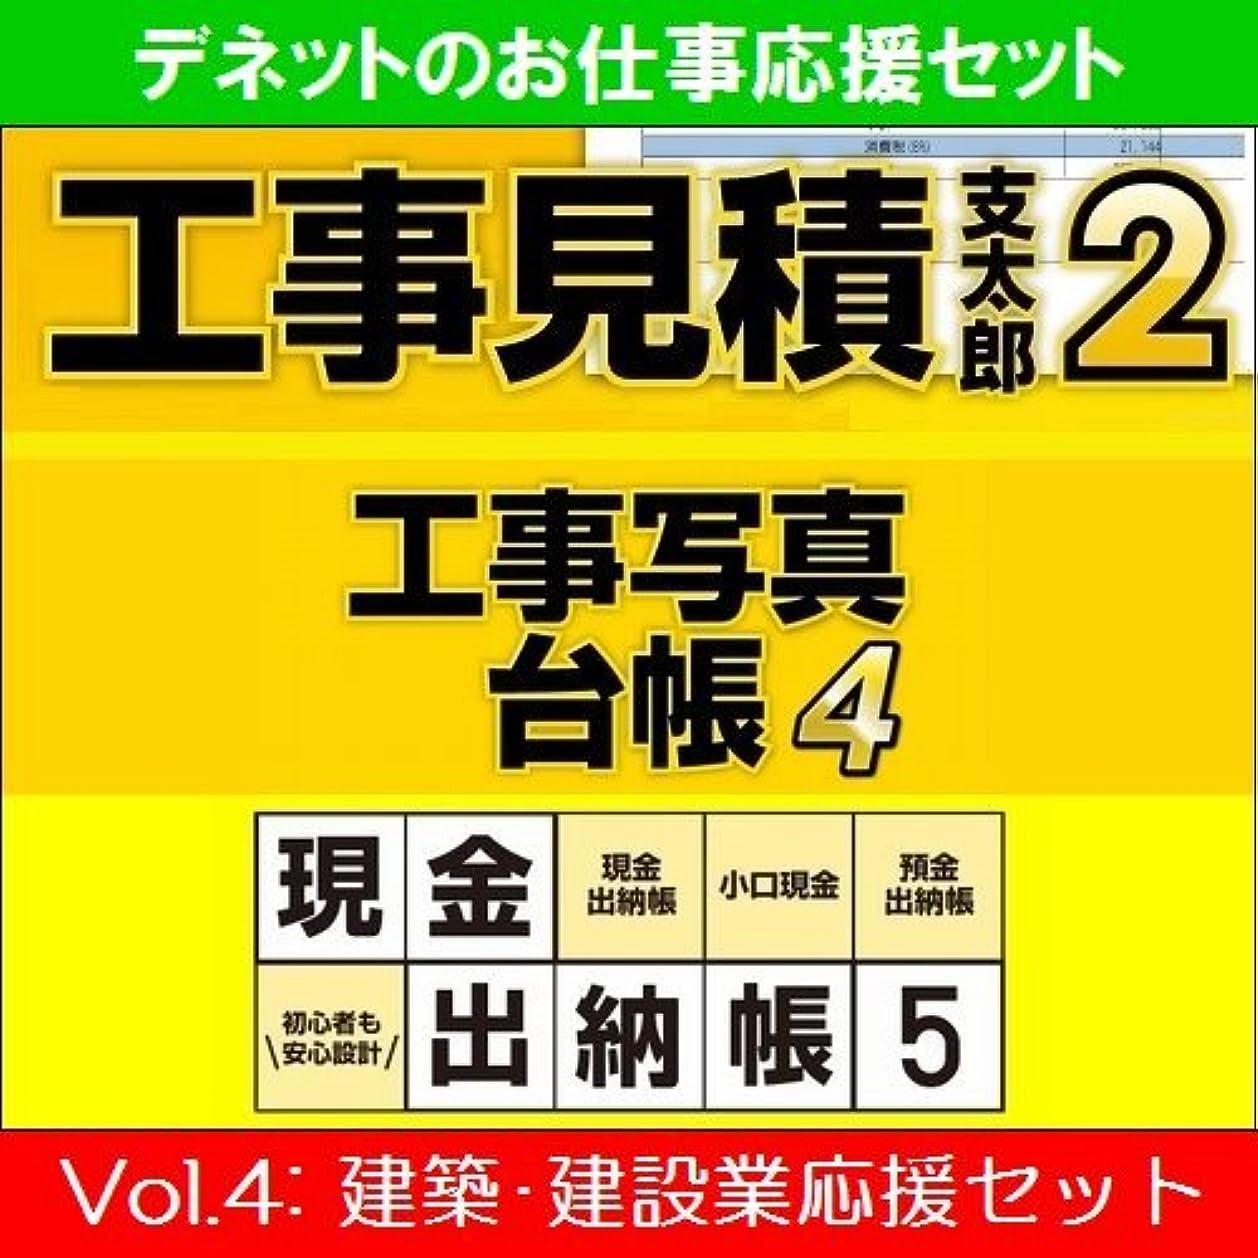 ゴージャス修正する平和なデネットのお仕事応援セット Vol.4: 建築?建設業応援セット|ダウンロード版